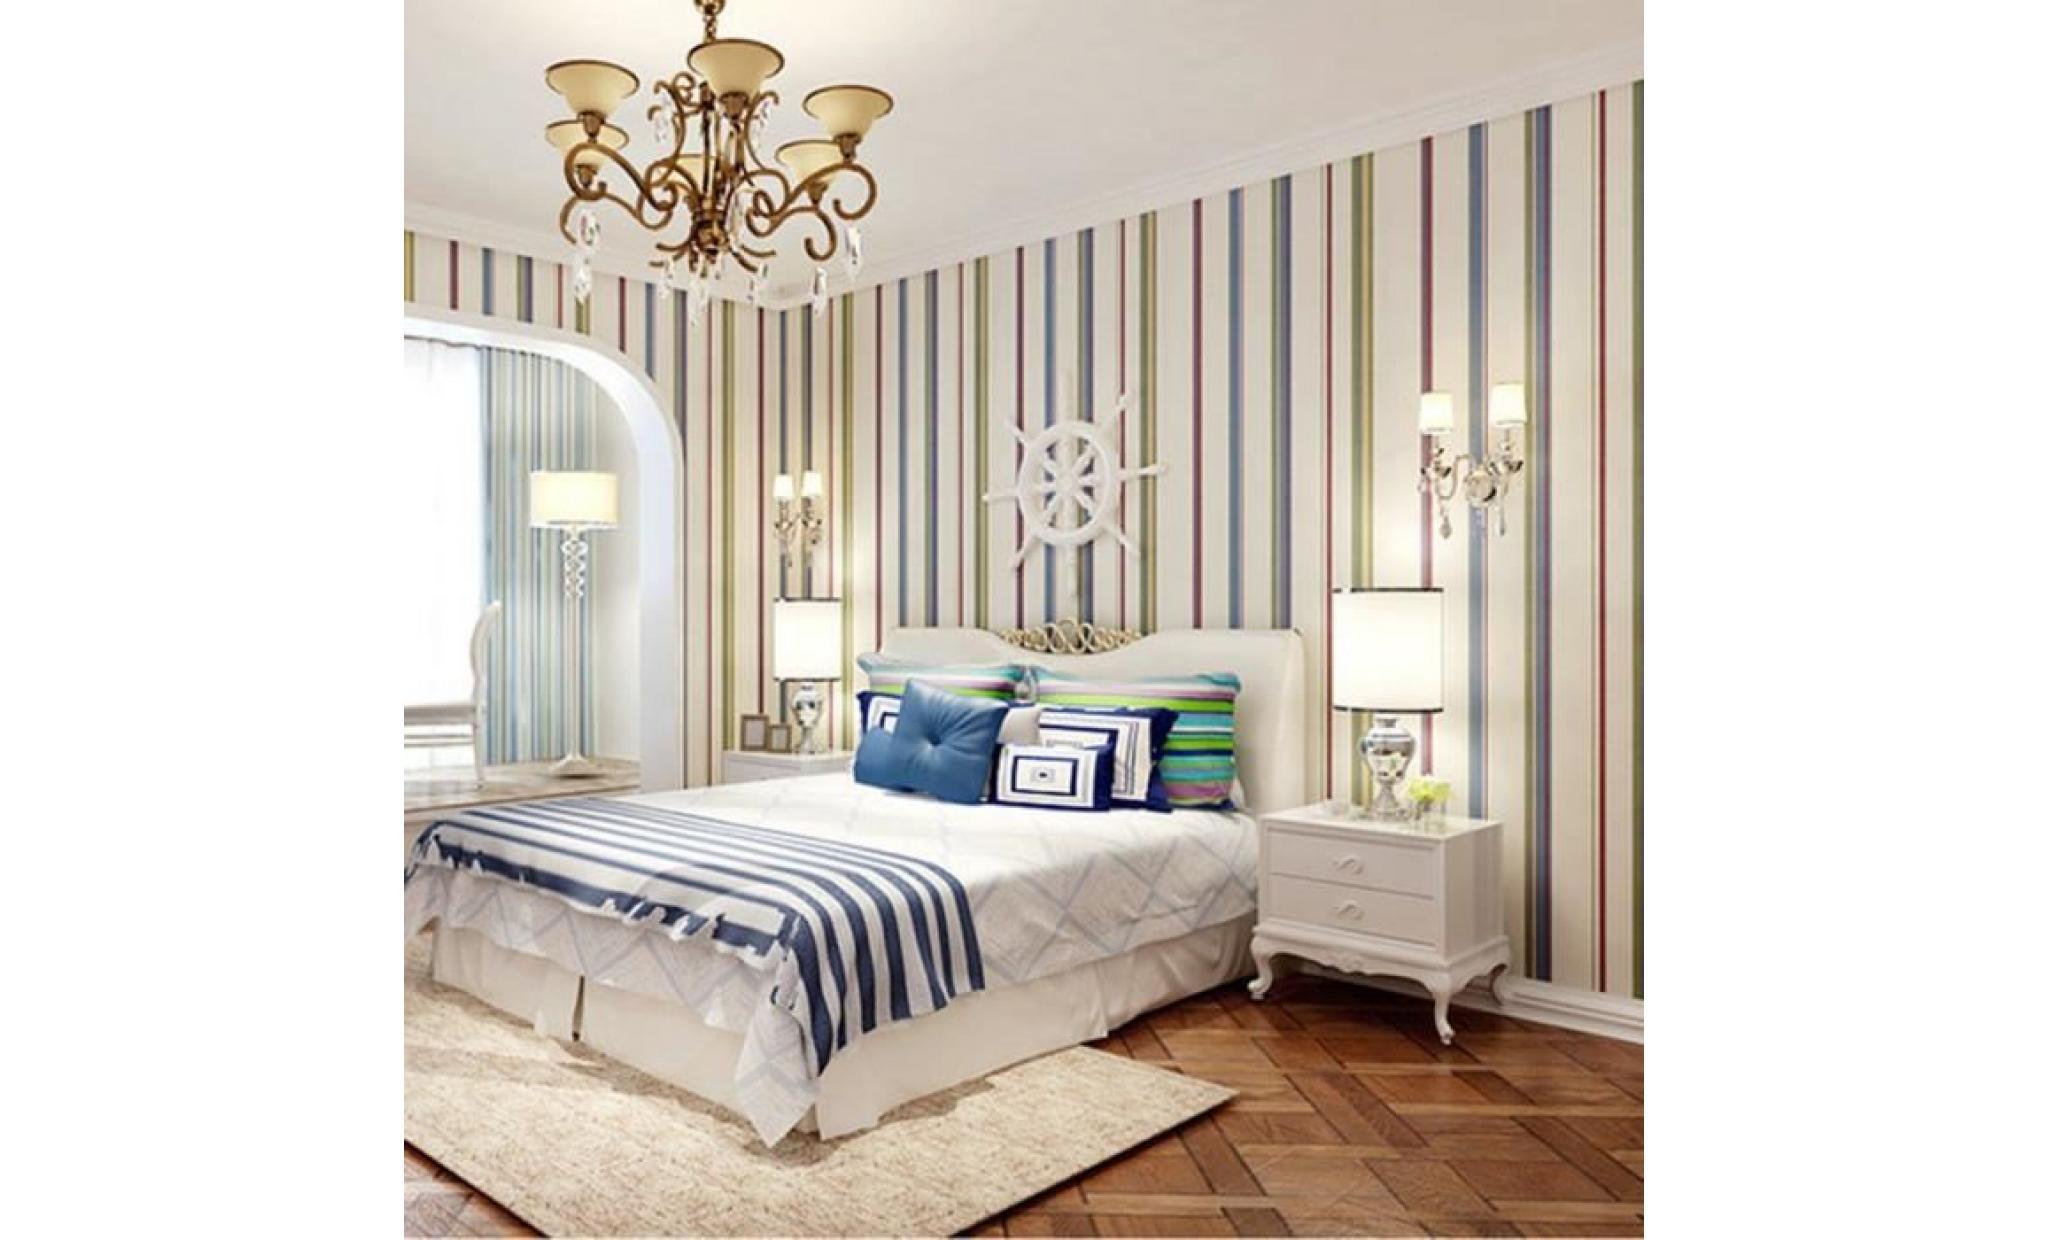 papier moderne de rouleau de mur de décor de maison de chambre à coucher de  la rayure verticale verticale 3d non tissée